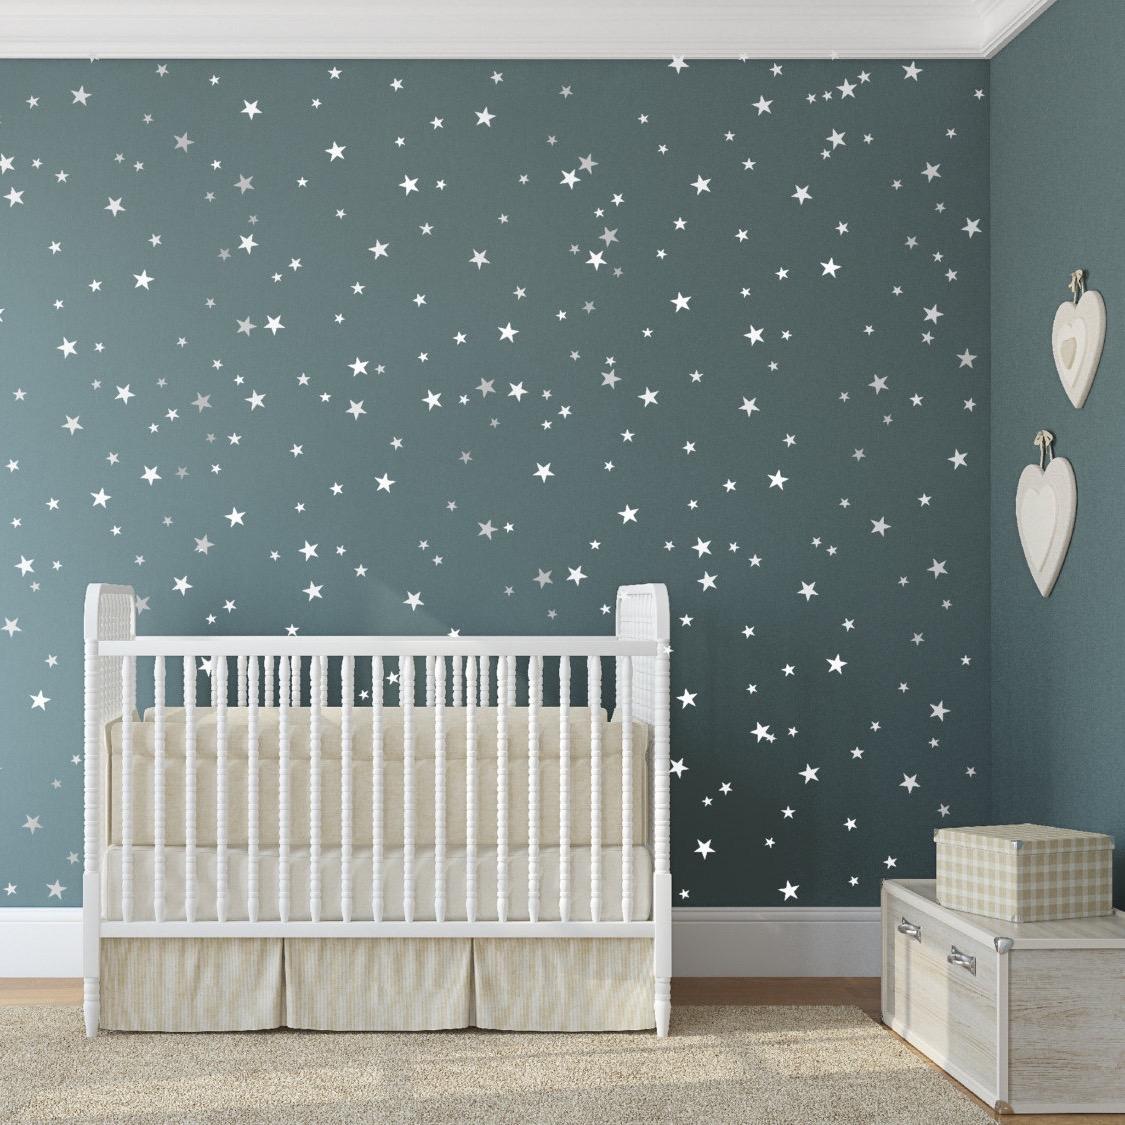 Tempat Jual Wall Sticker Termurah 2018 Fujifilm X A5 Kit 15 45mm F 35 56 Ois Pz Brown Pwp 35mm 2 Bedroom Stars Decals Trendy Designs Zoom